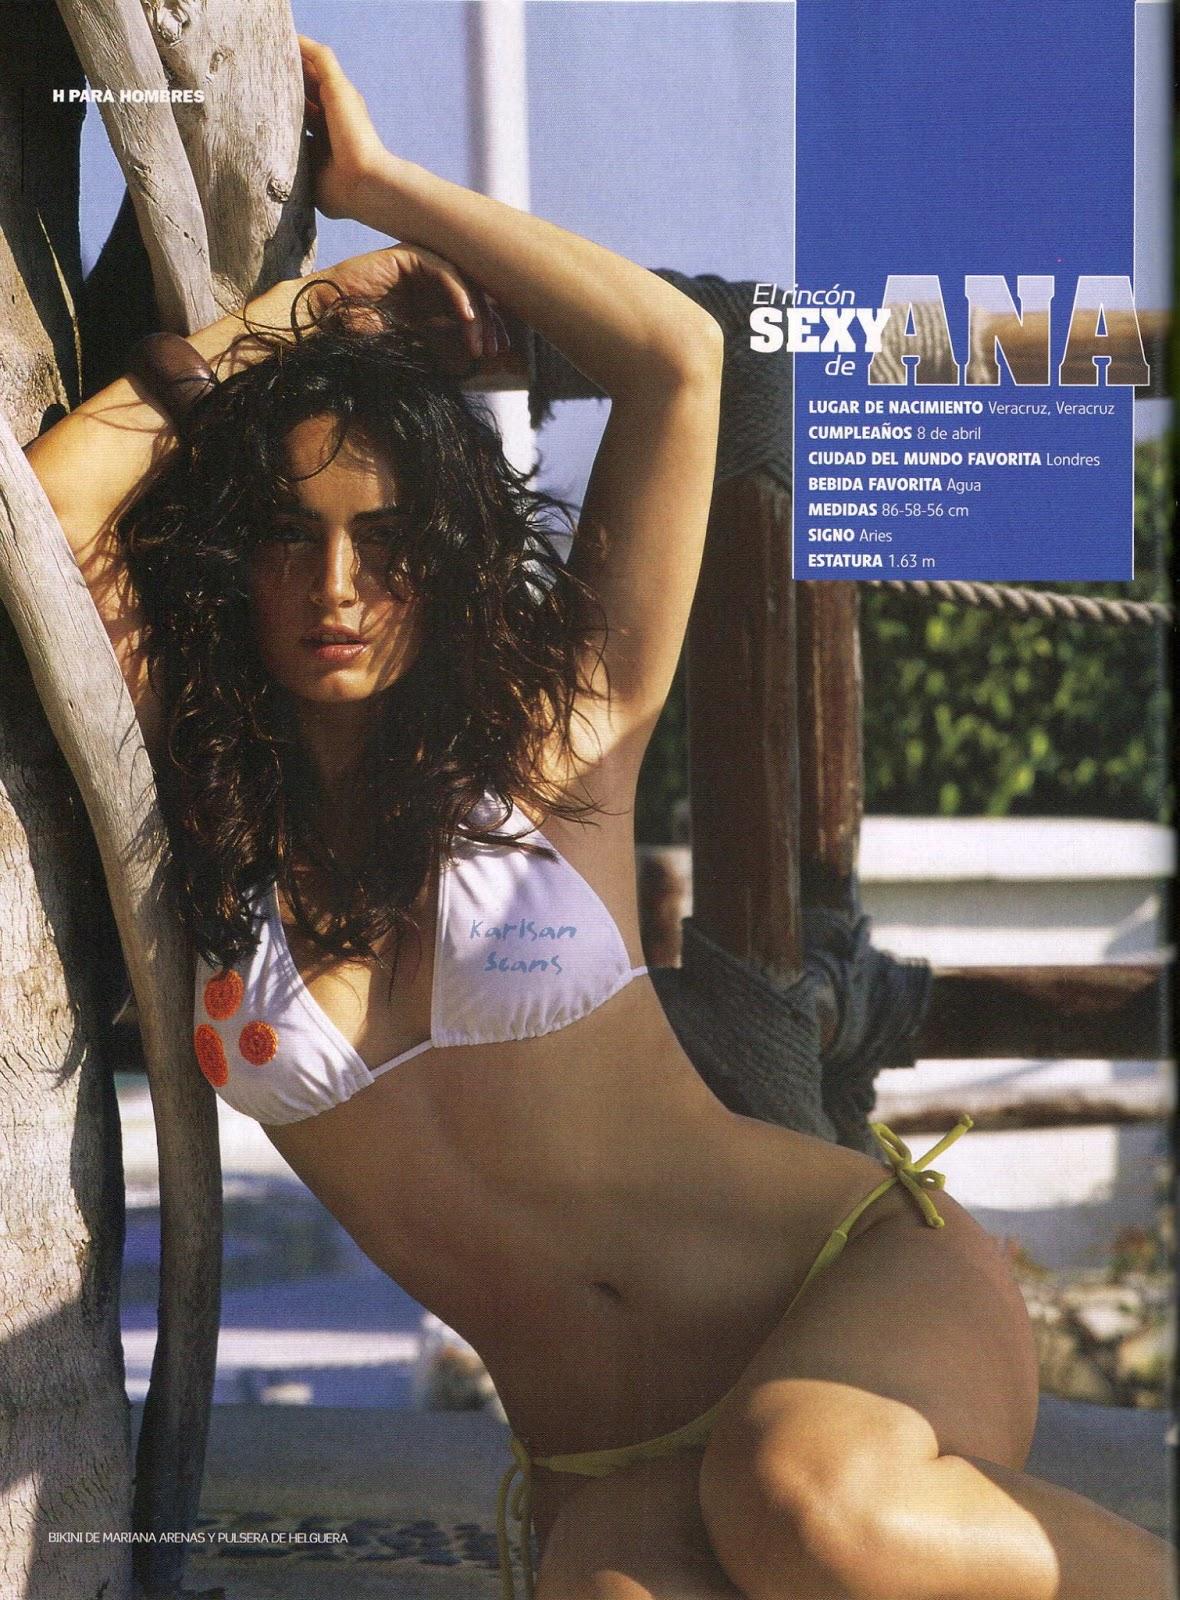 Ana de la Reguera in bikini, Ana de la Reguera hottest pics, Ana de la Reguera magazine photoshoot